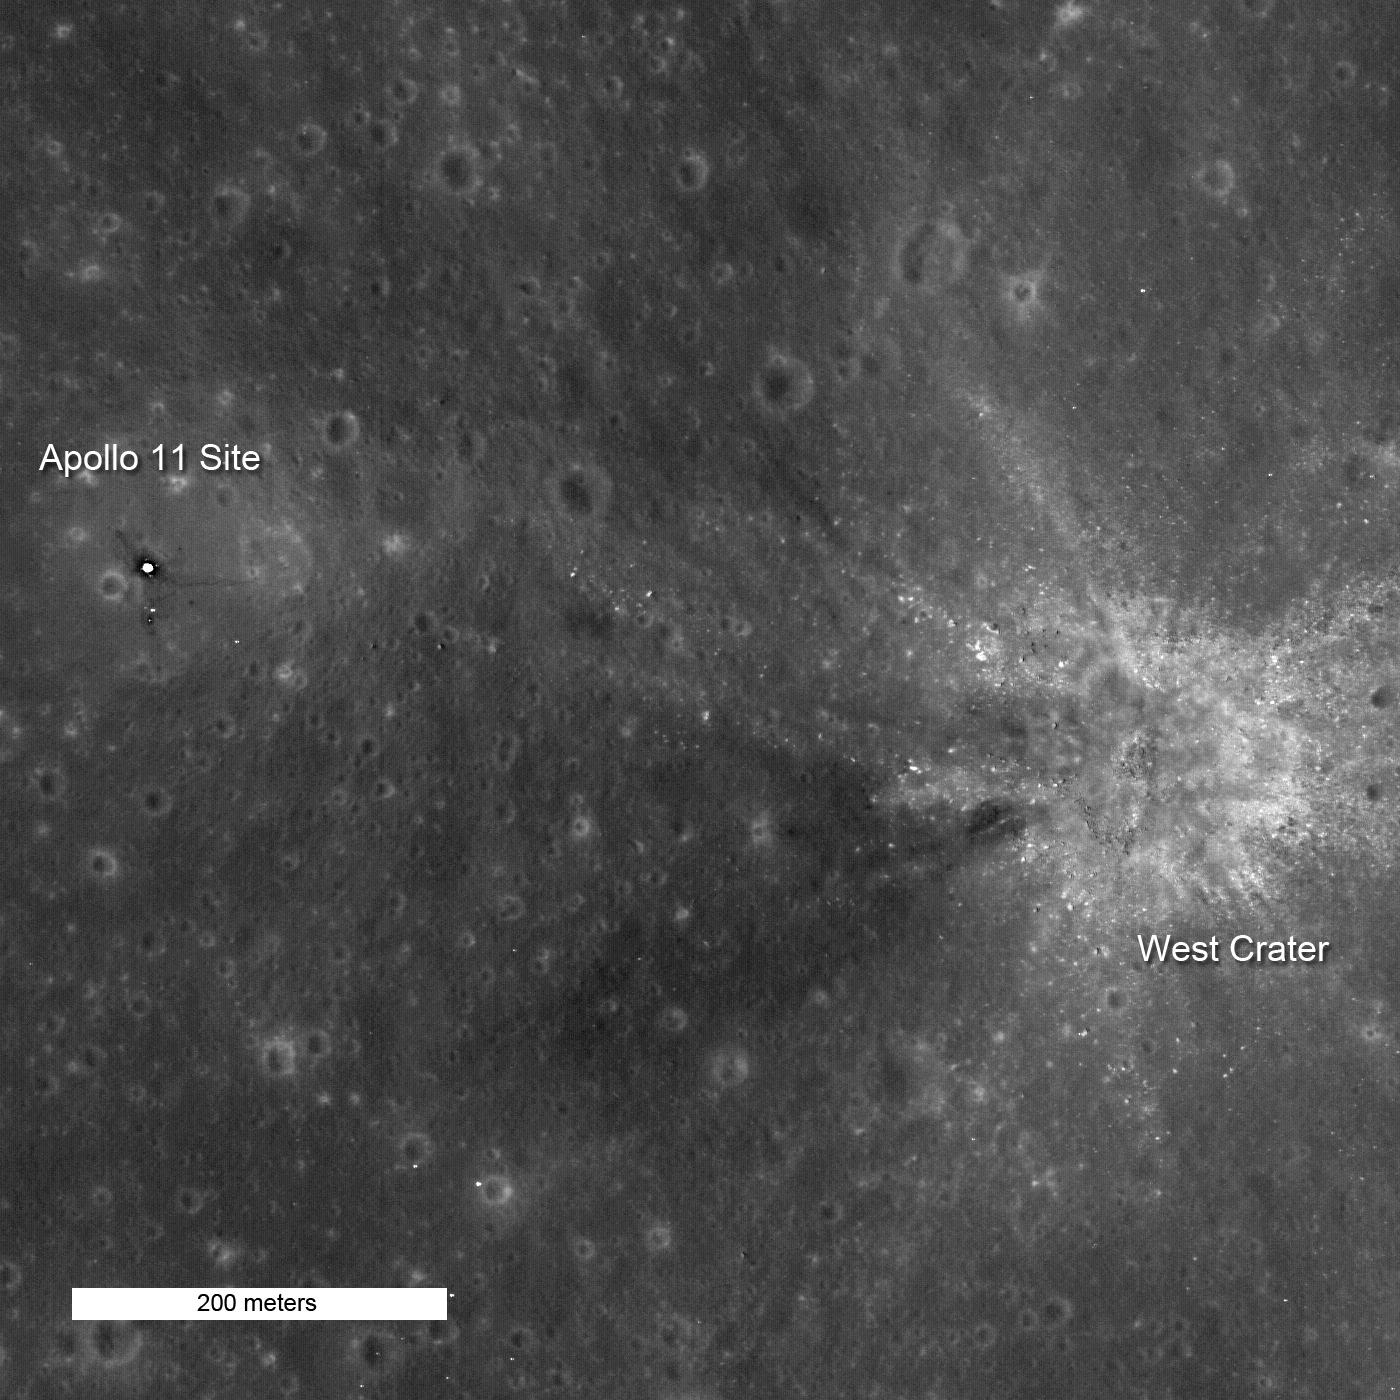 Фотография высокого разрешения места высадки «Аполлона 11» сделанная в 2011 году Lunar Reconnaissance Orbiter (LRO).